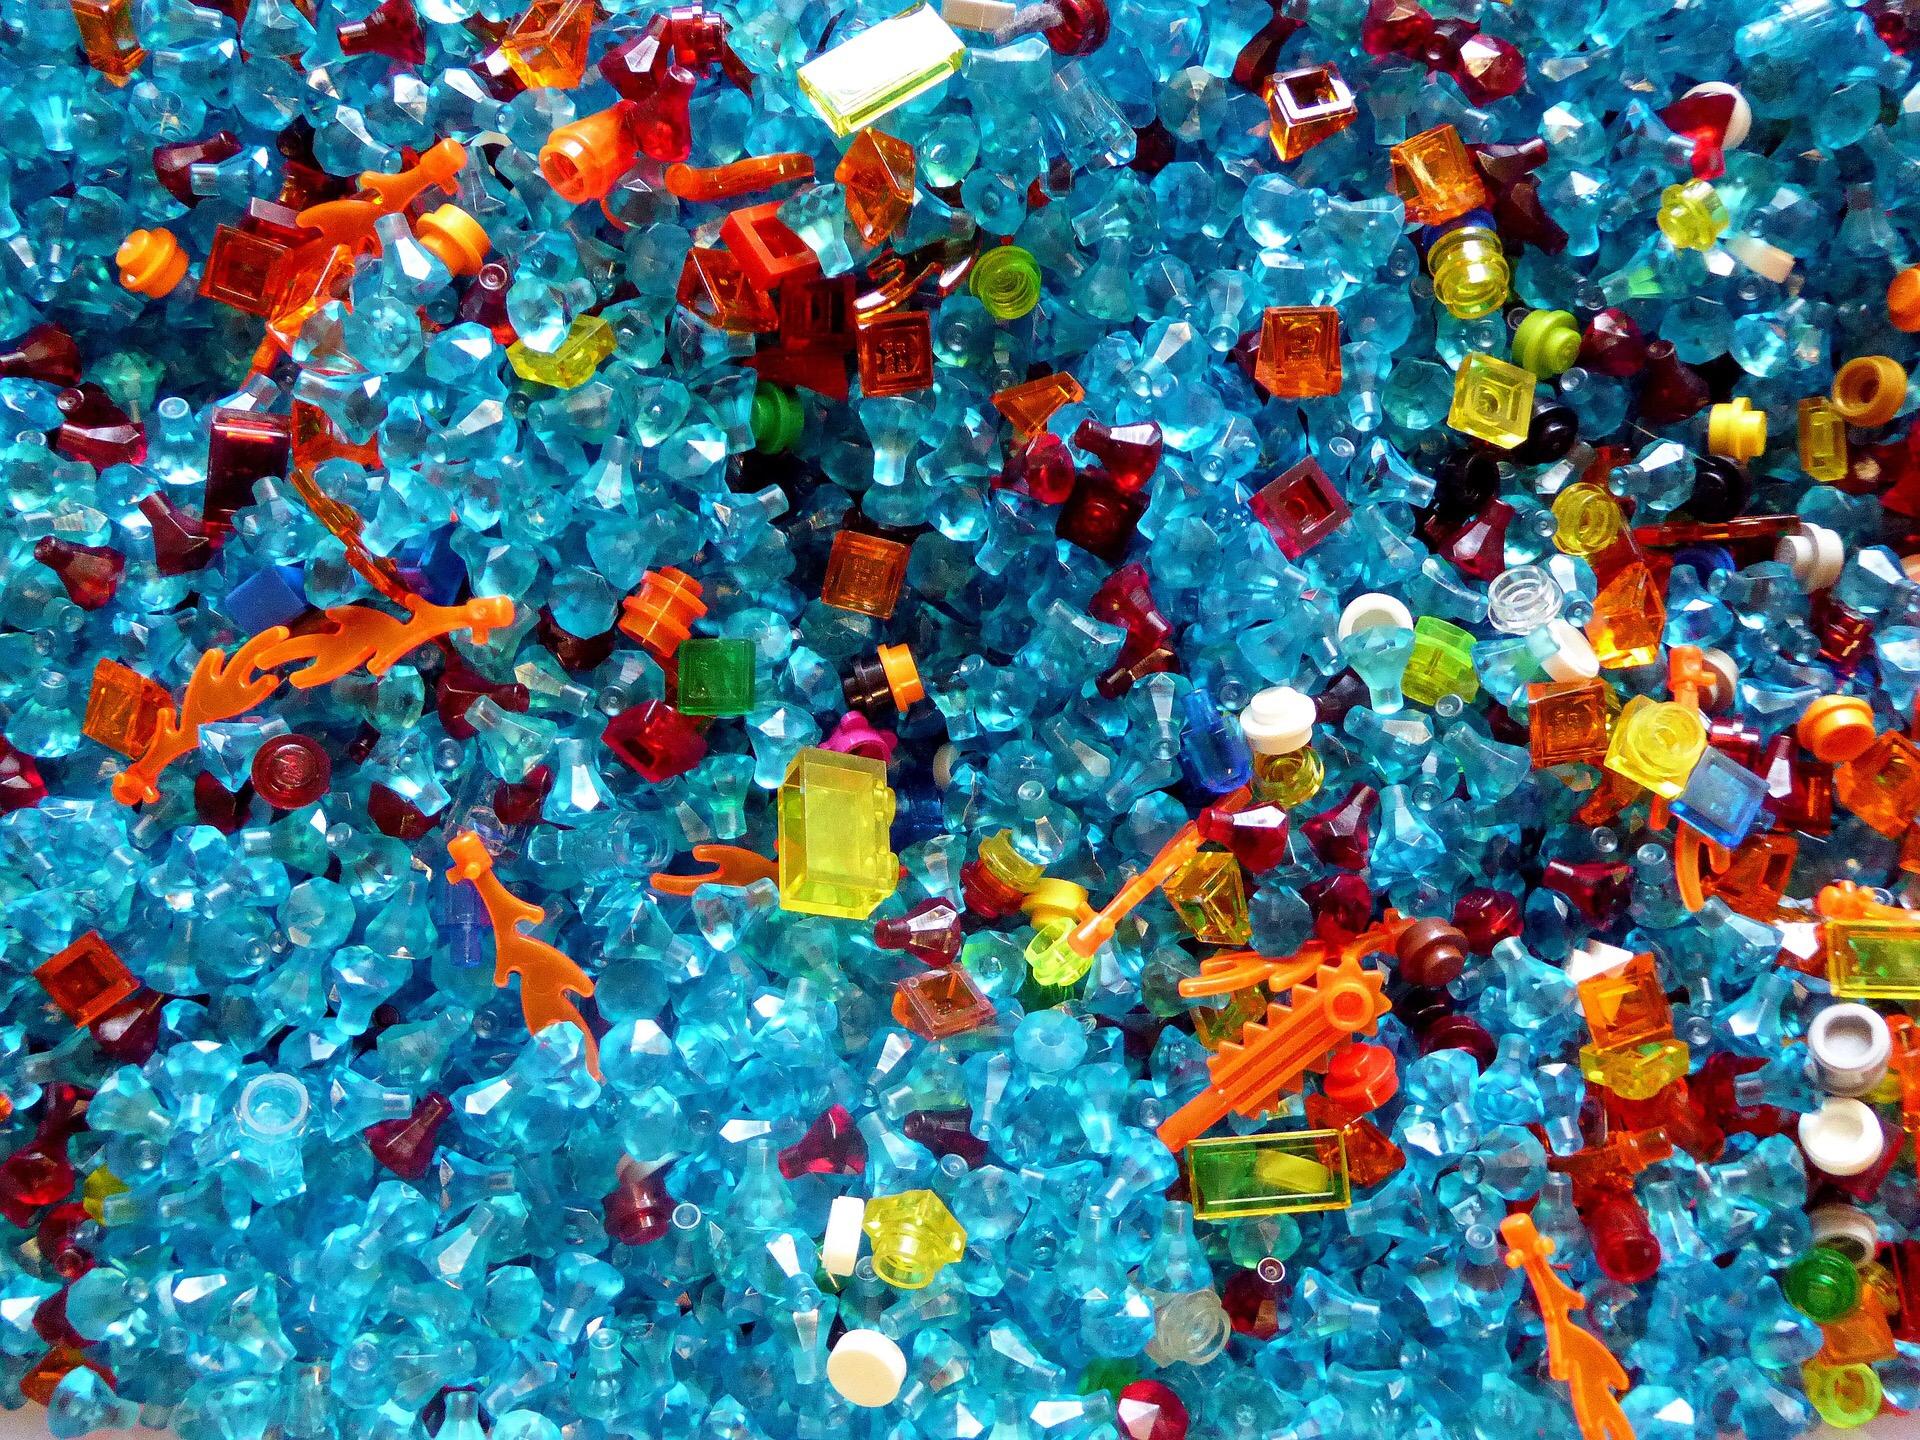 Nhựa thải ra biển chui vào bao tử … con người